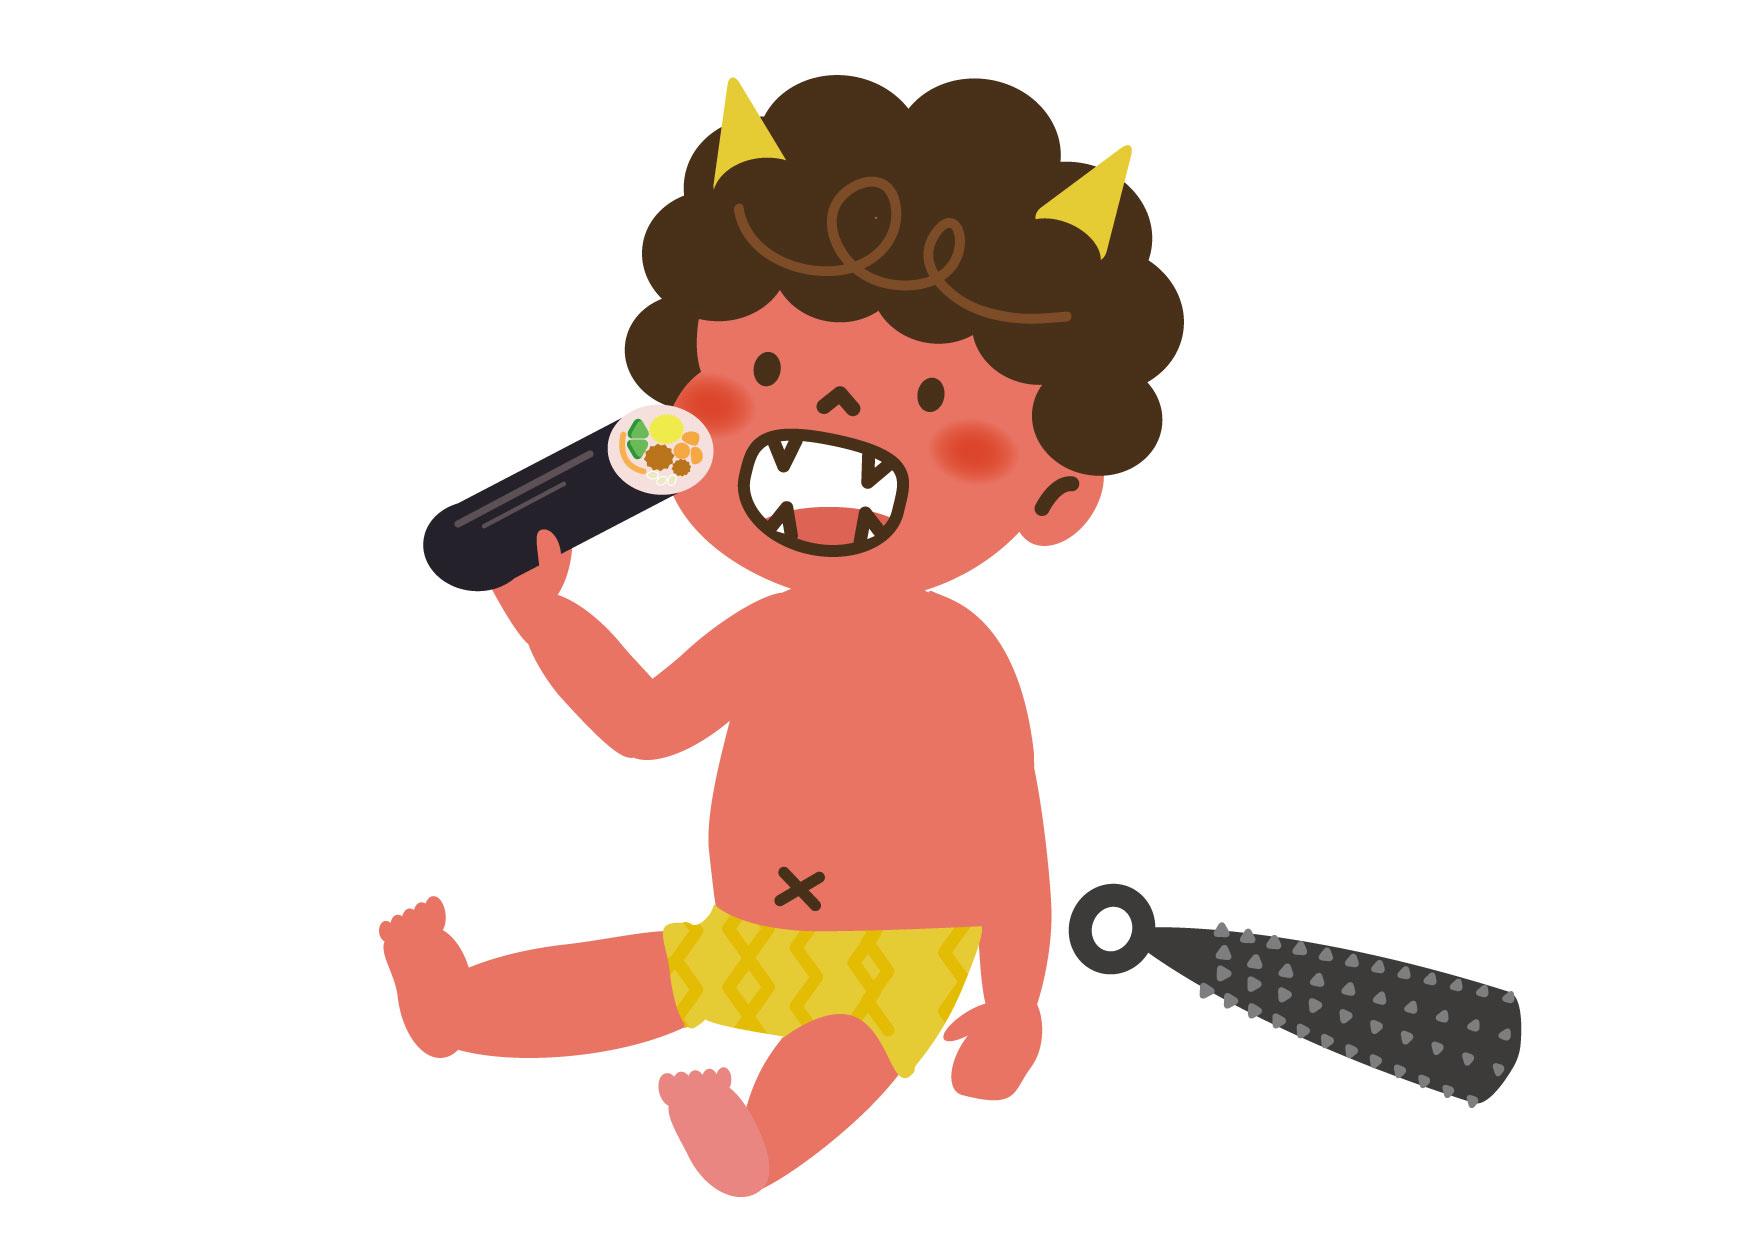 可愛いイラスト無料|節分 可愛い 赤鬼 恵方巻き − free illustration Setsubun cute red demon Ehomaki